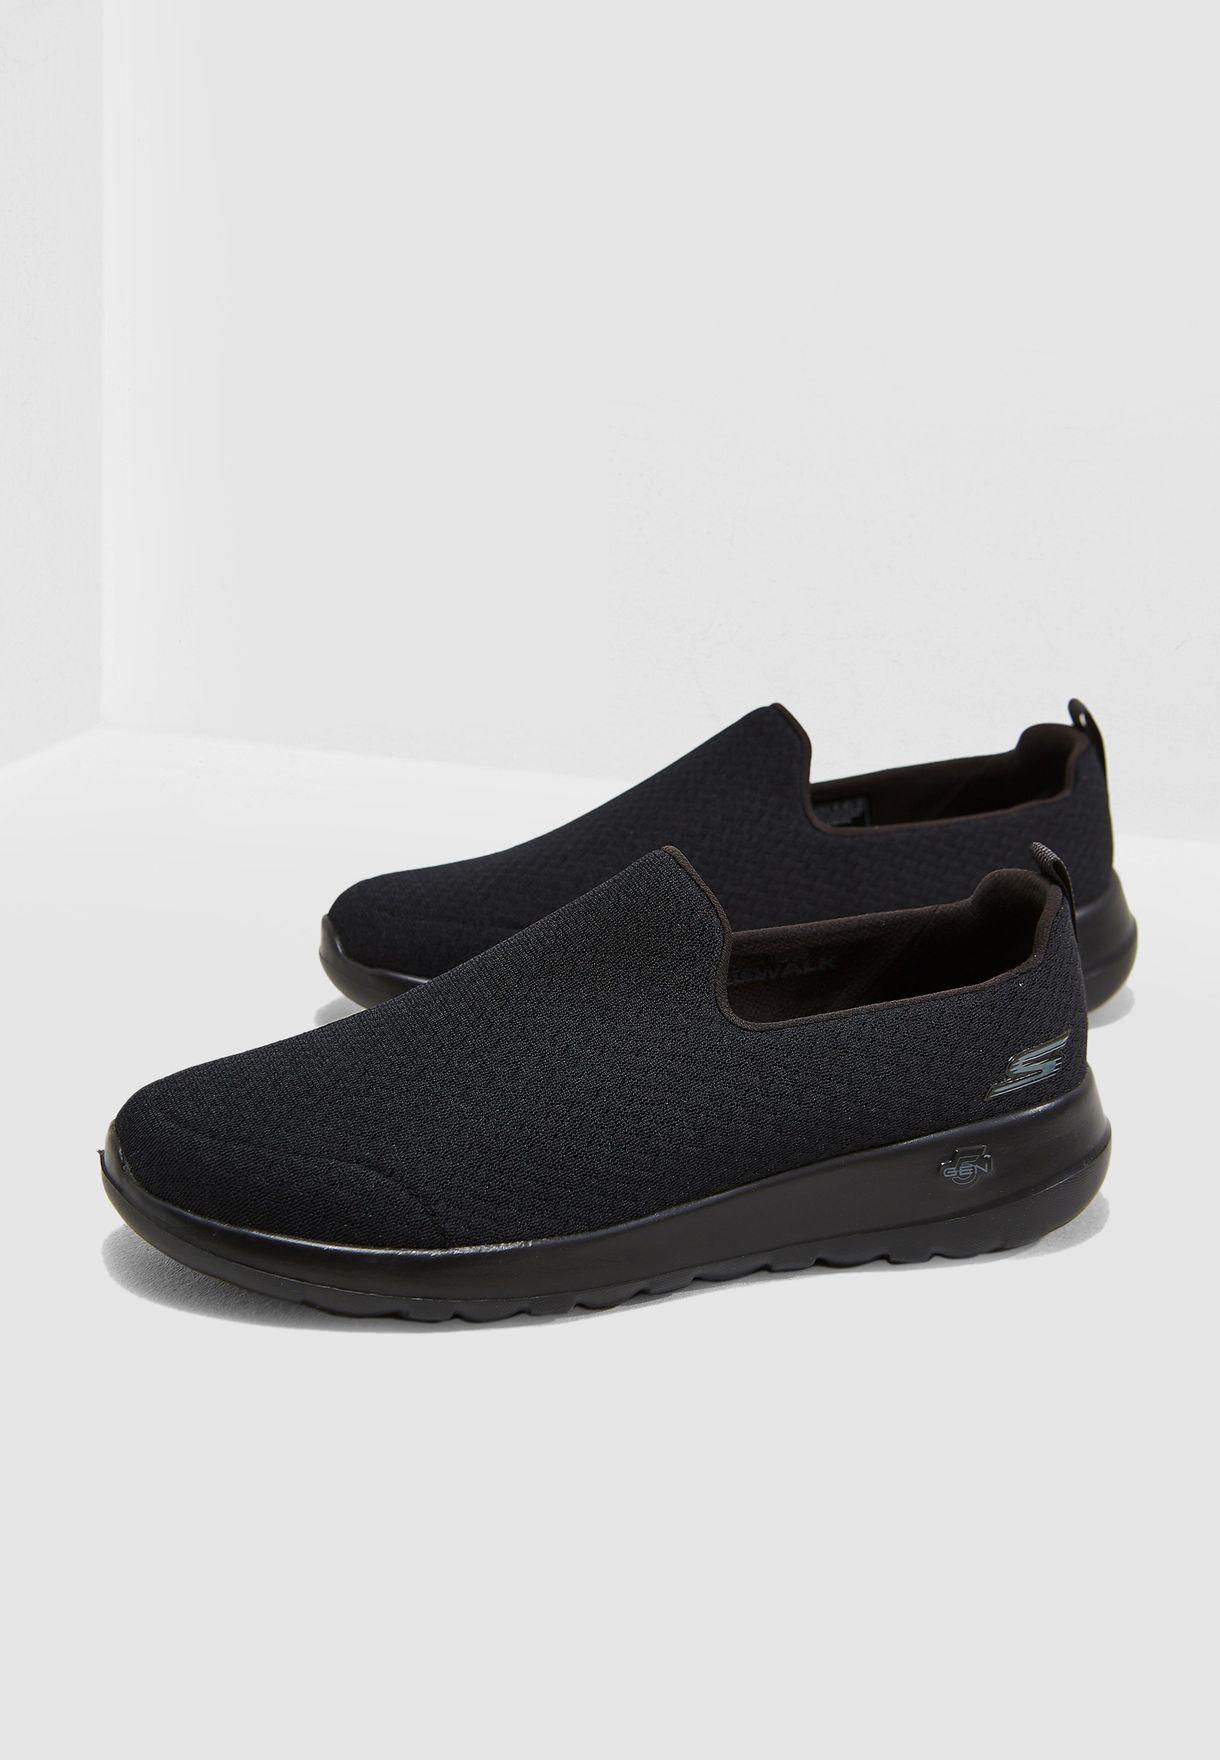 حذاء جو ووك ماكس